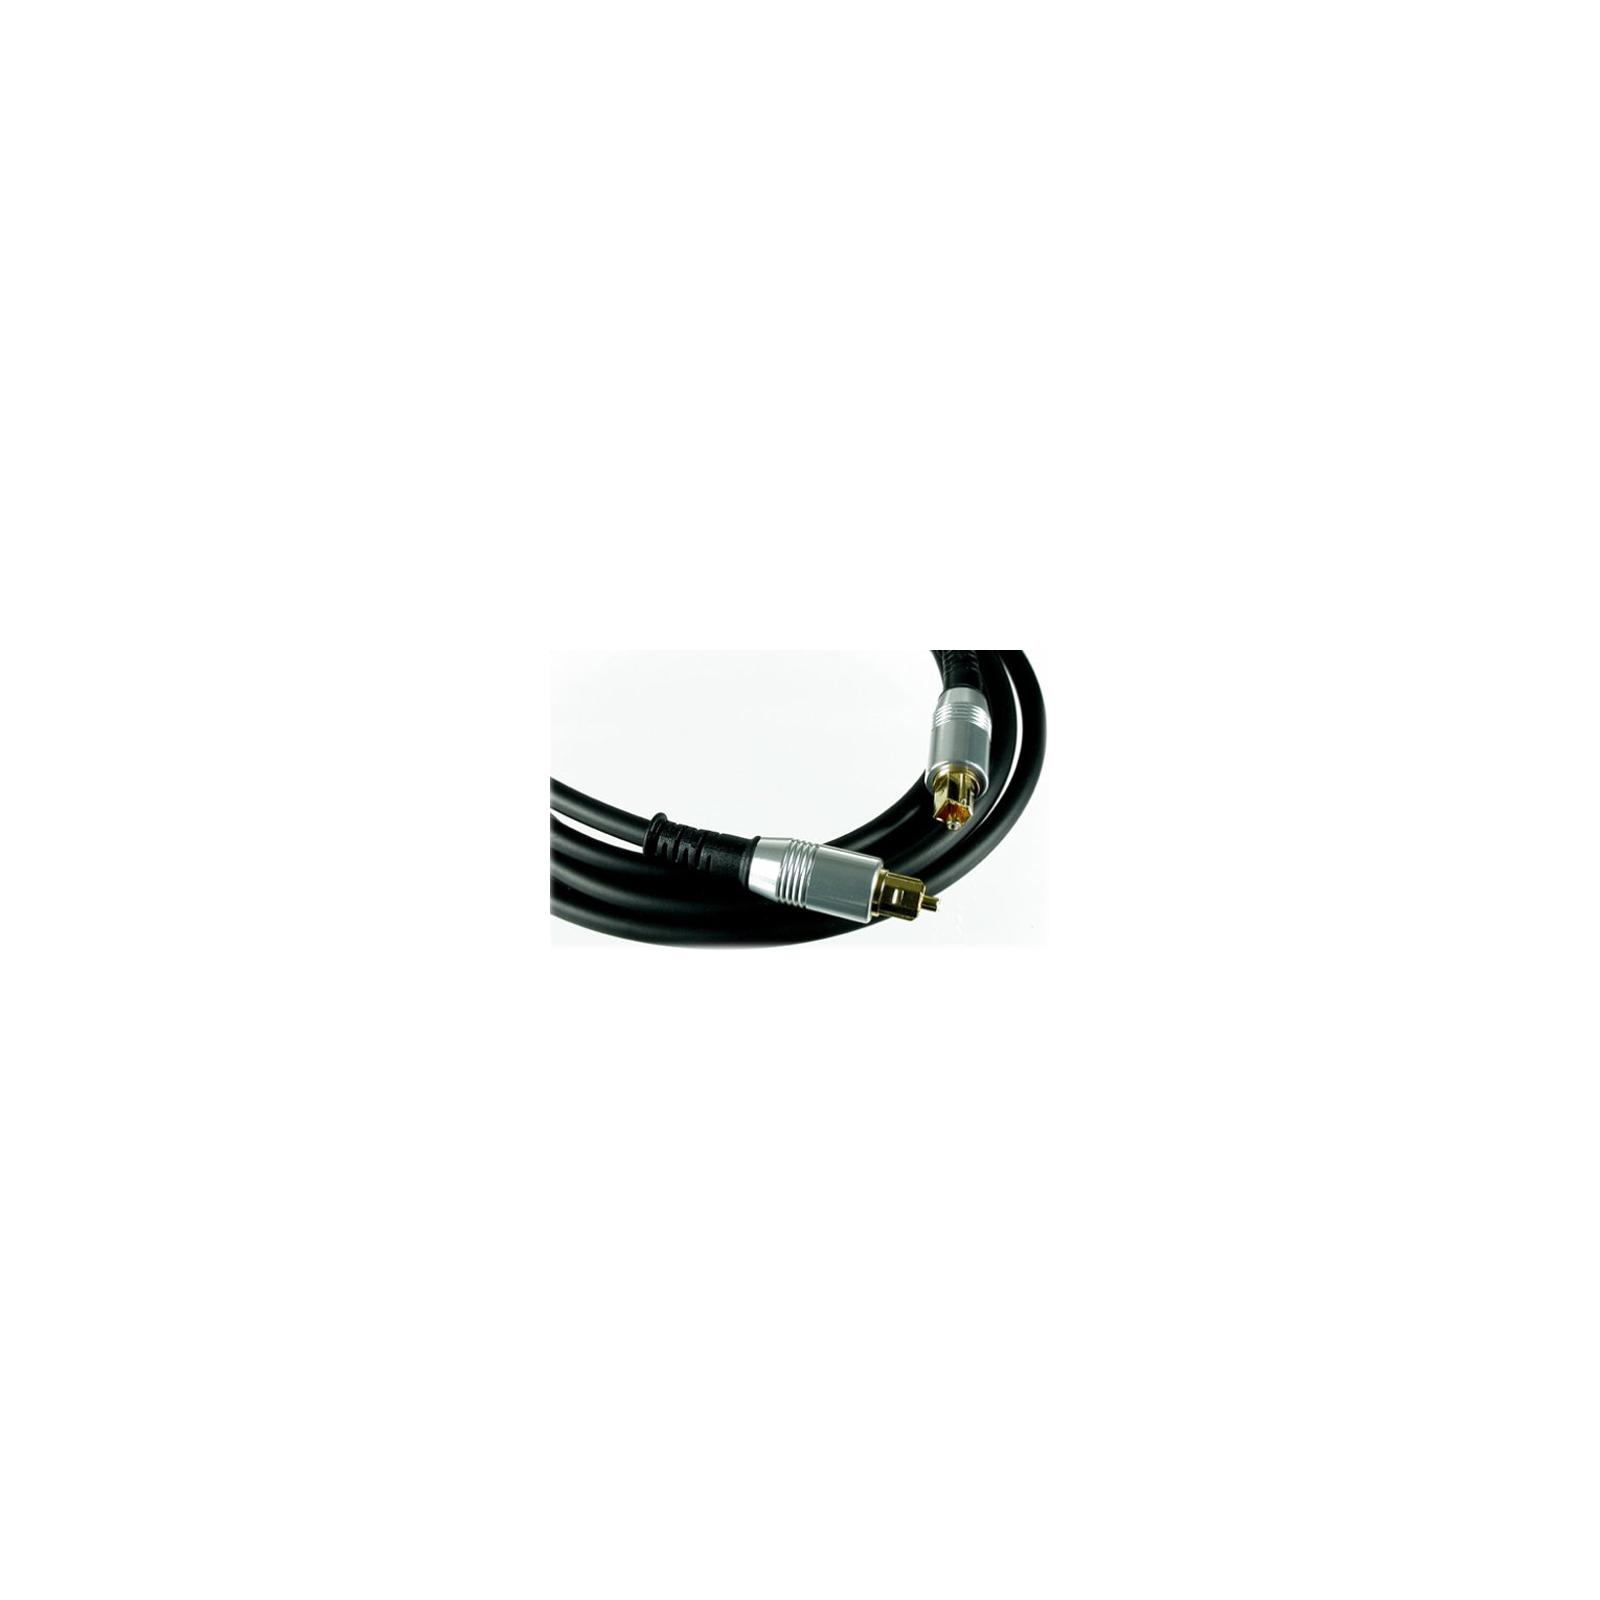 Кабель мультимедийный аудио оптический 1.8m Atcom (10703)